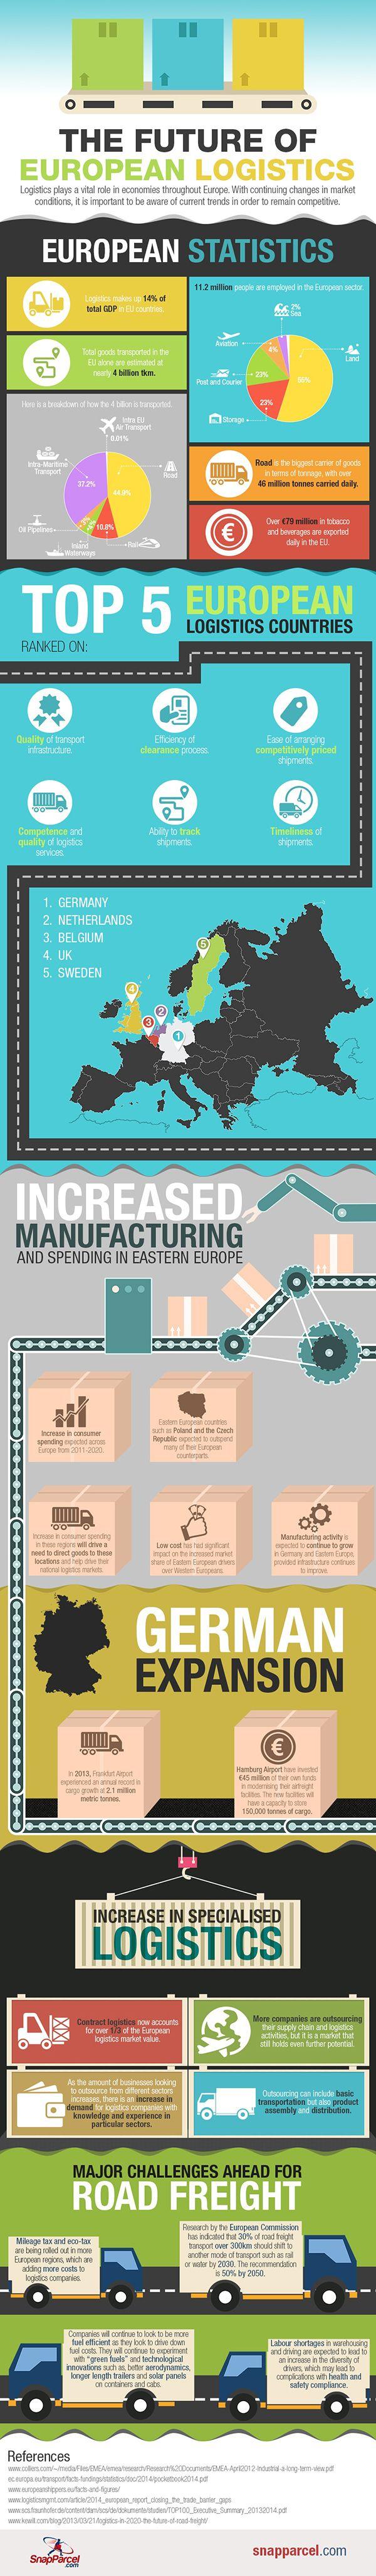 The Future of European Logistics